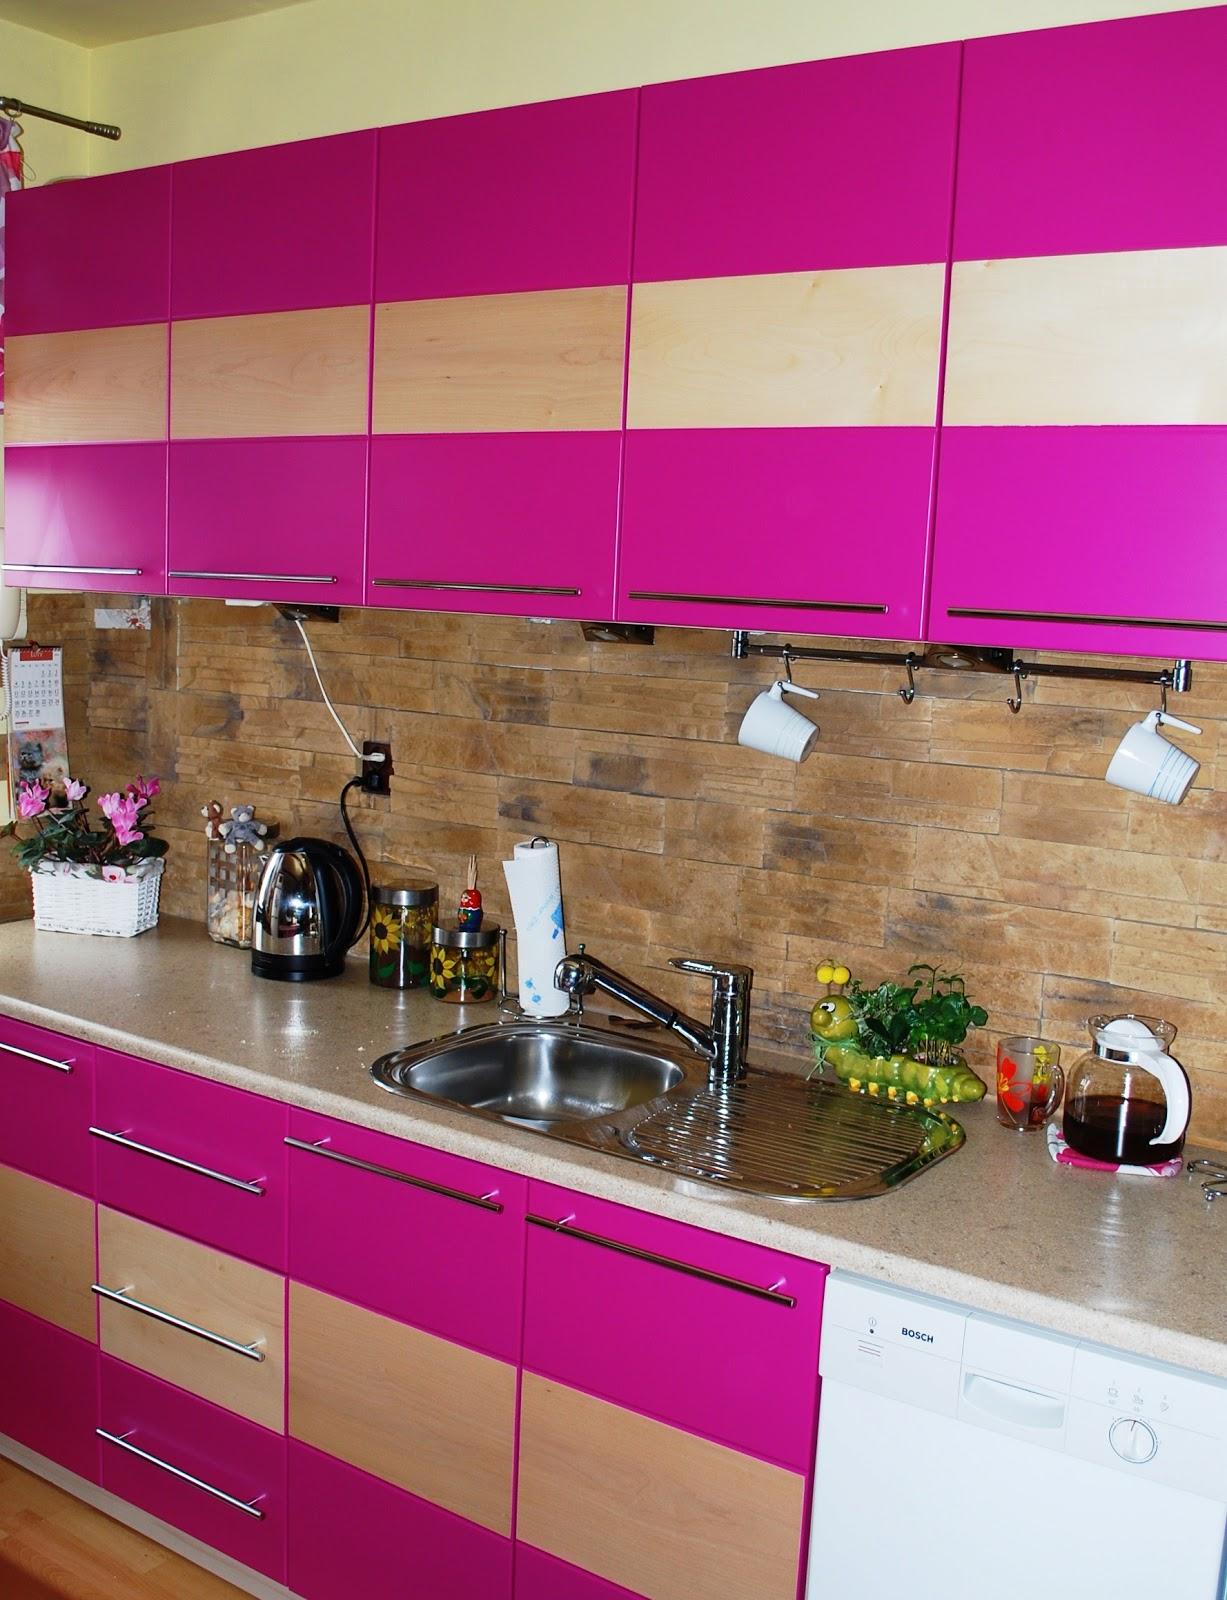 Świat drewna Kuchenny róż  kuchnia pod zabudowę -> Kuchnia Pod Zabudowe Siedlce